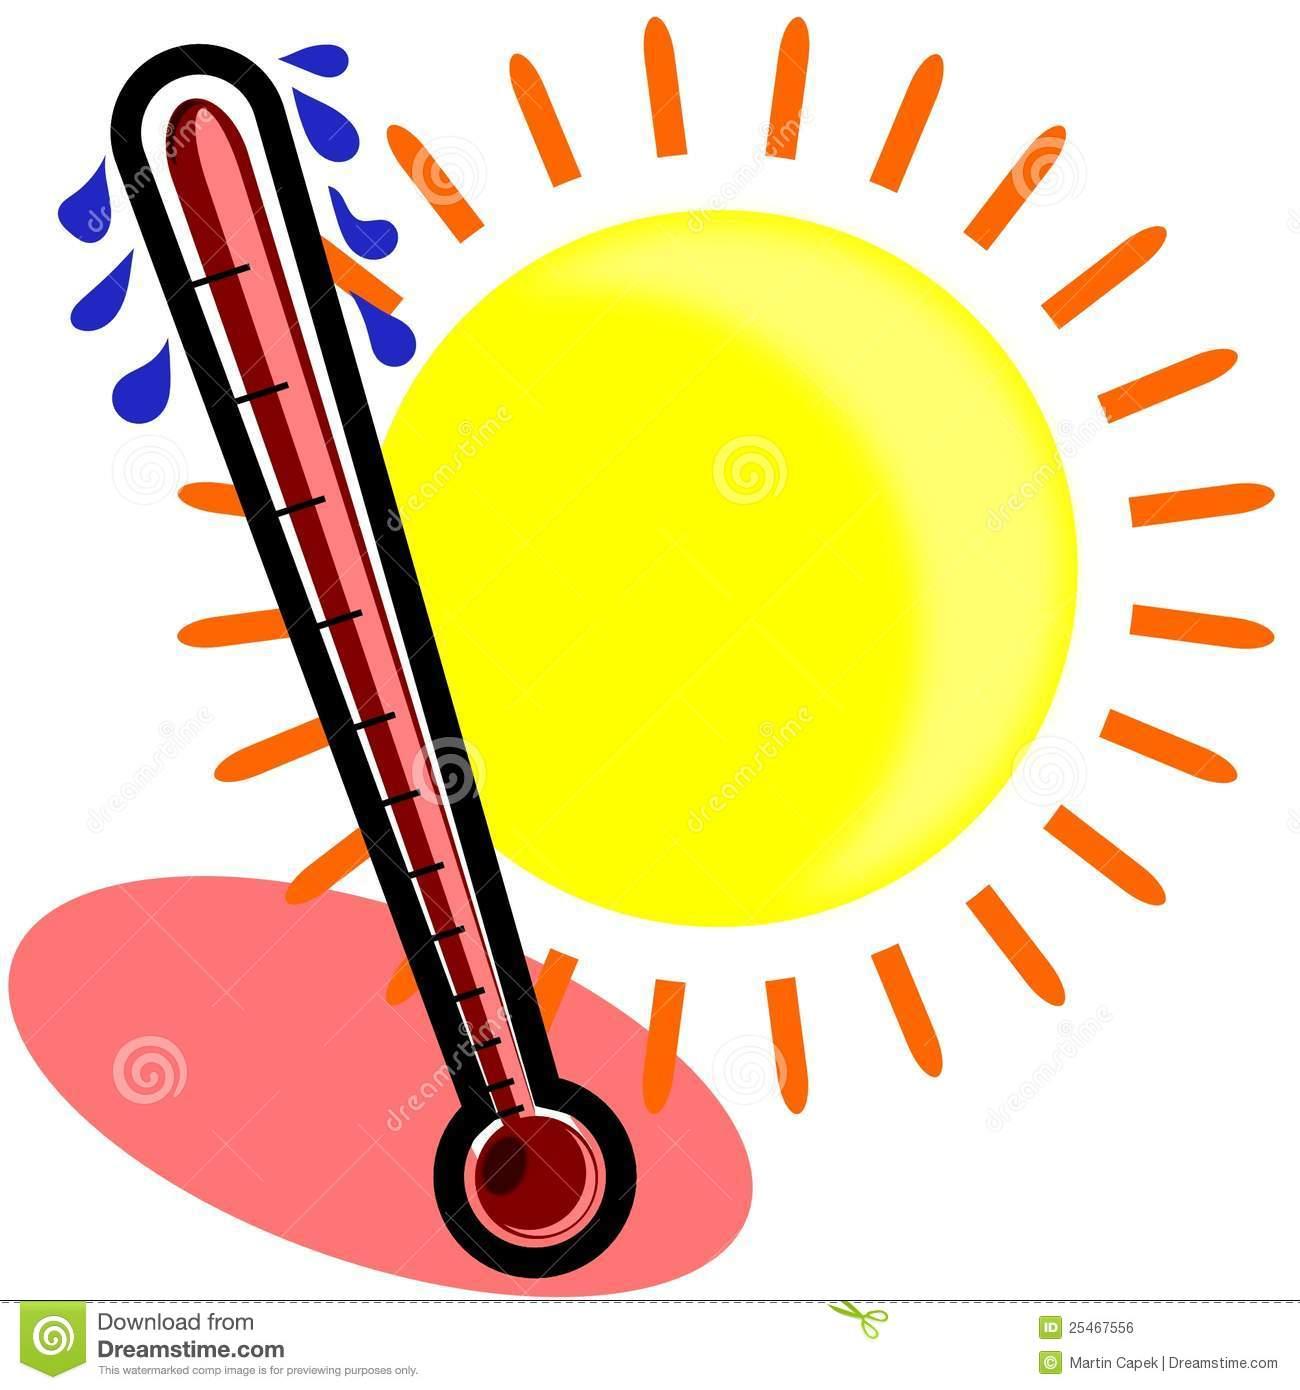 Heat clipart warm temperature Clipart Temperature Free temperature%20clipart Clipart